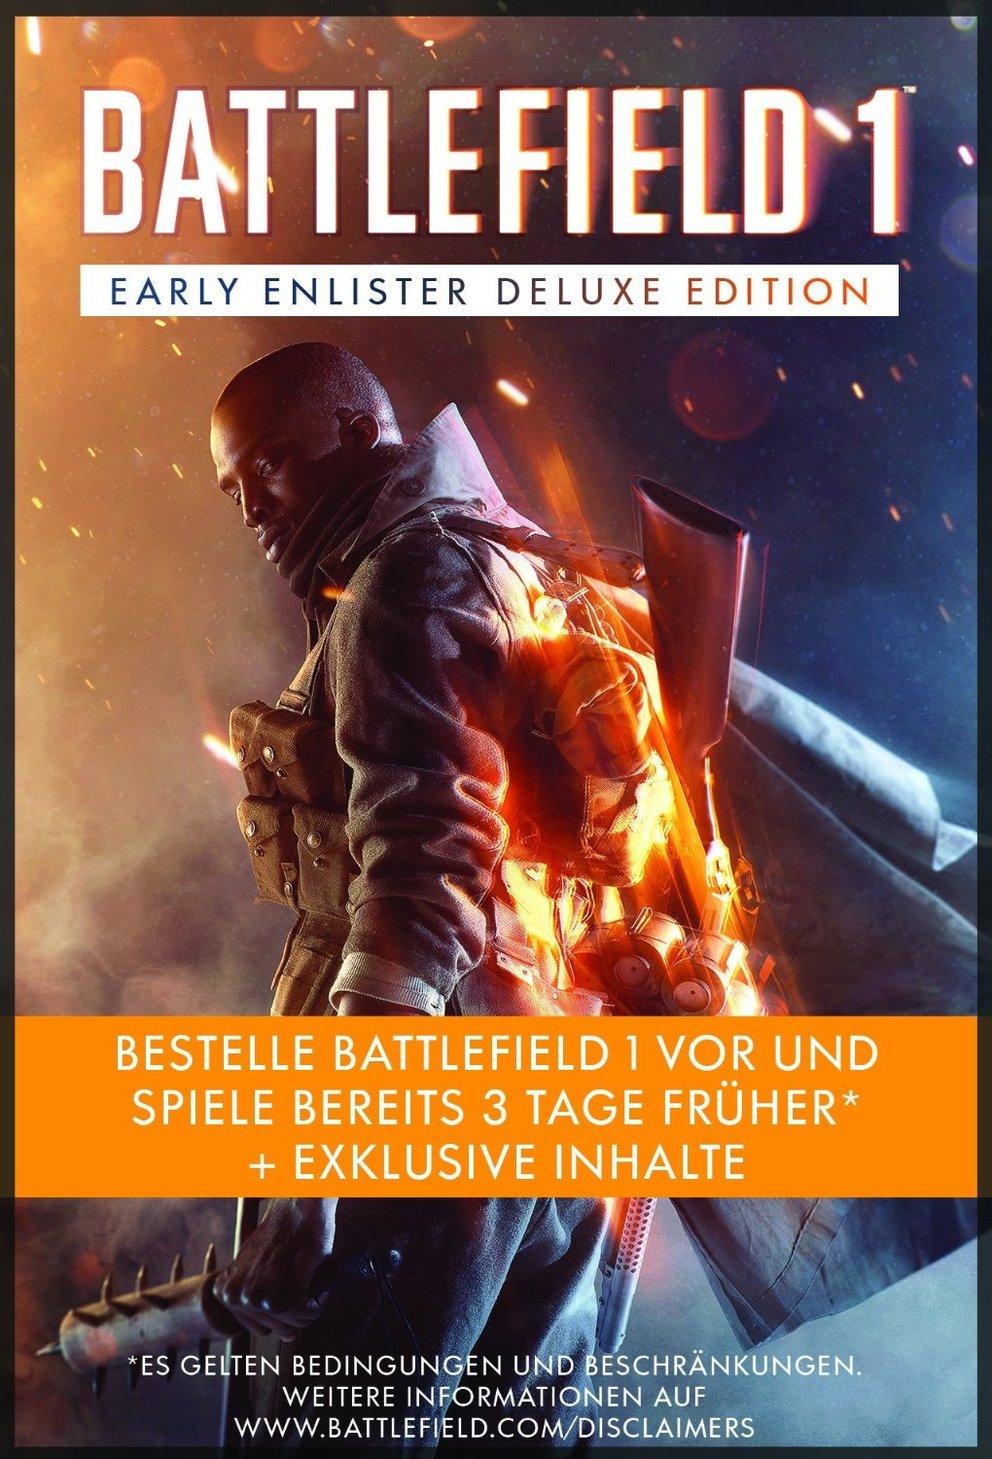 battlefield-1-editionen-early-enlister